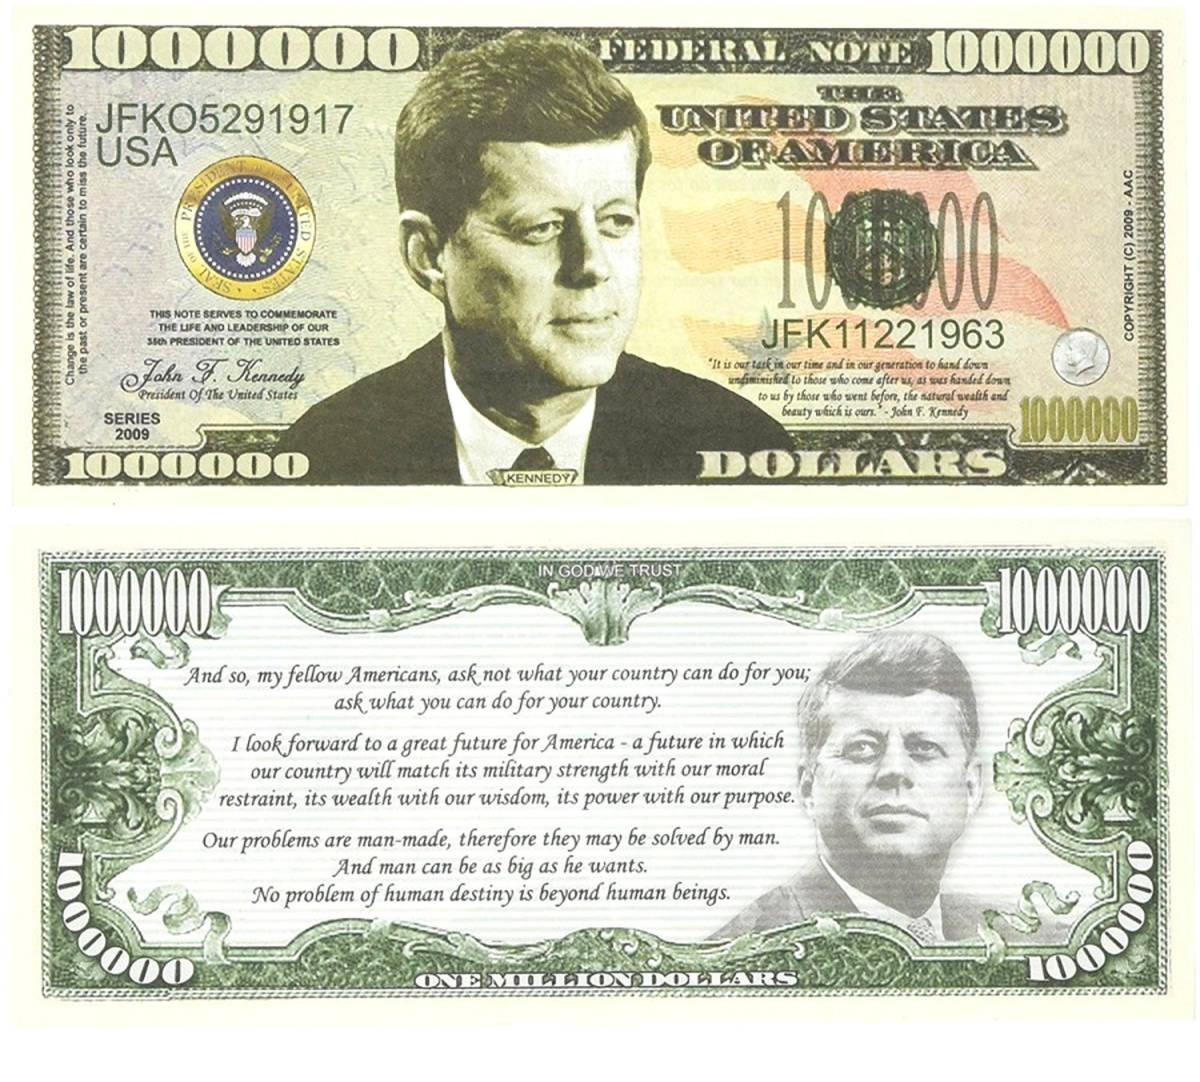 ドル 100 万